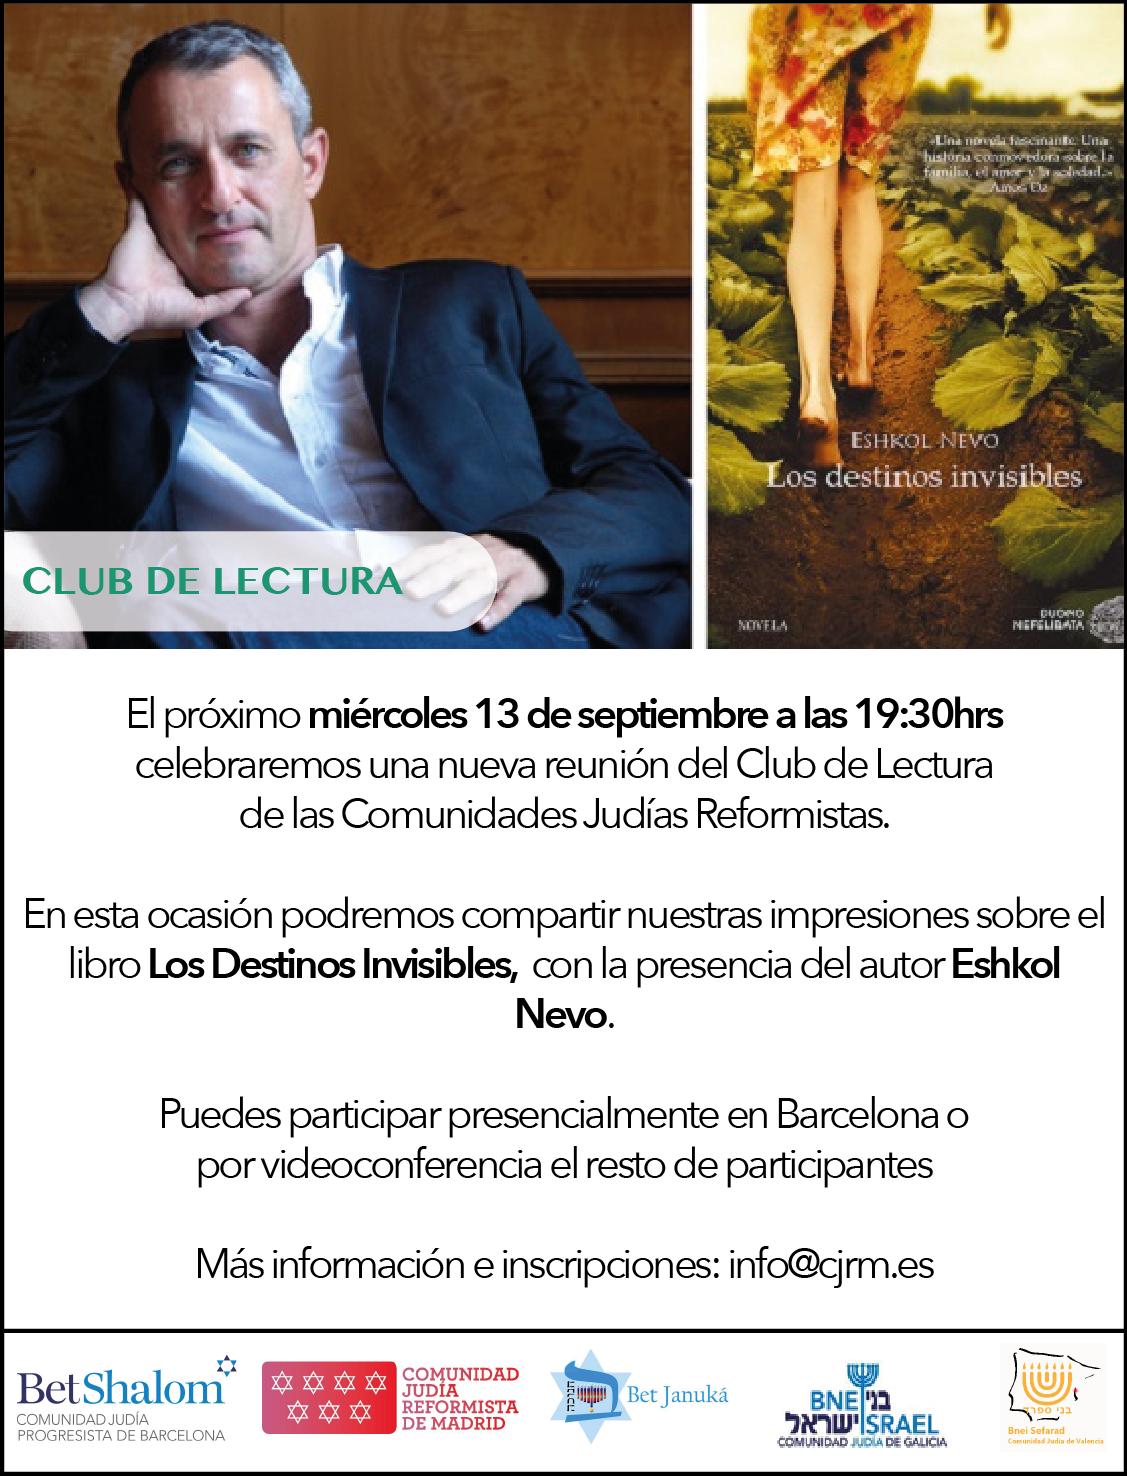 clublectura_sept-17-e1503681328842